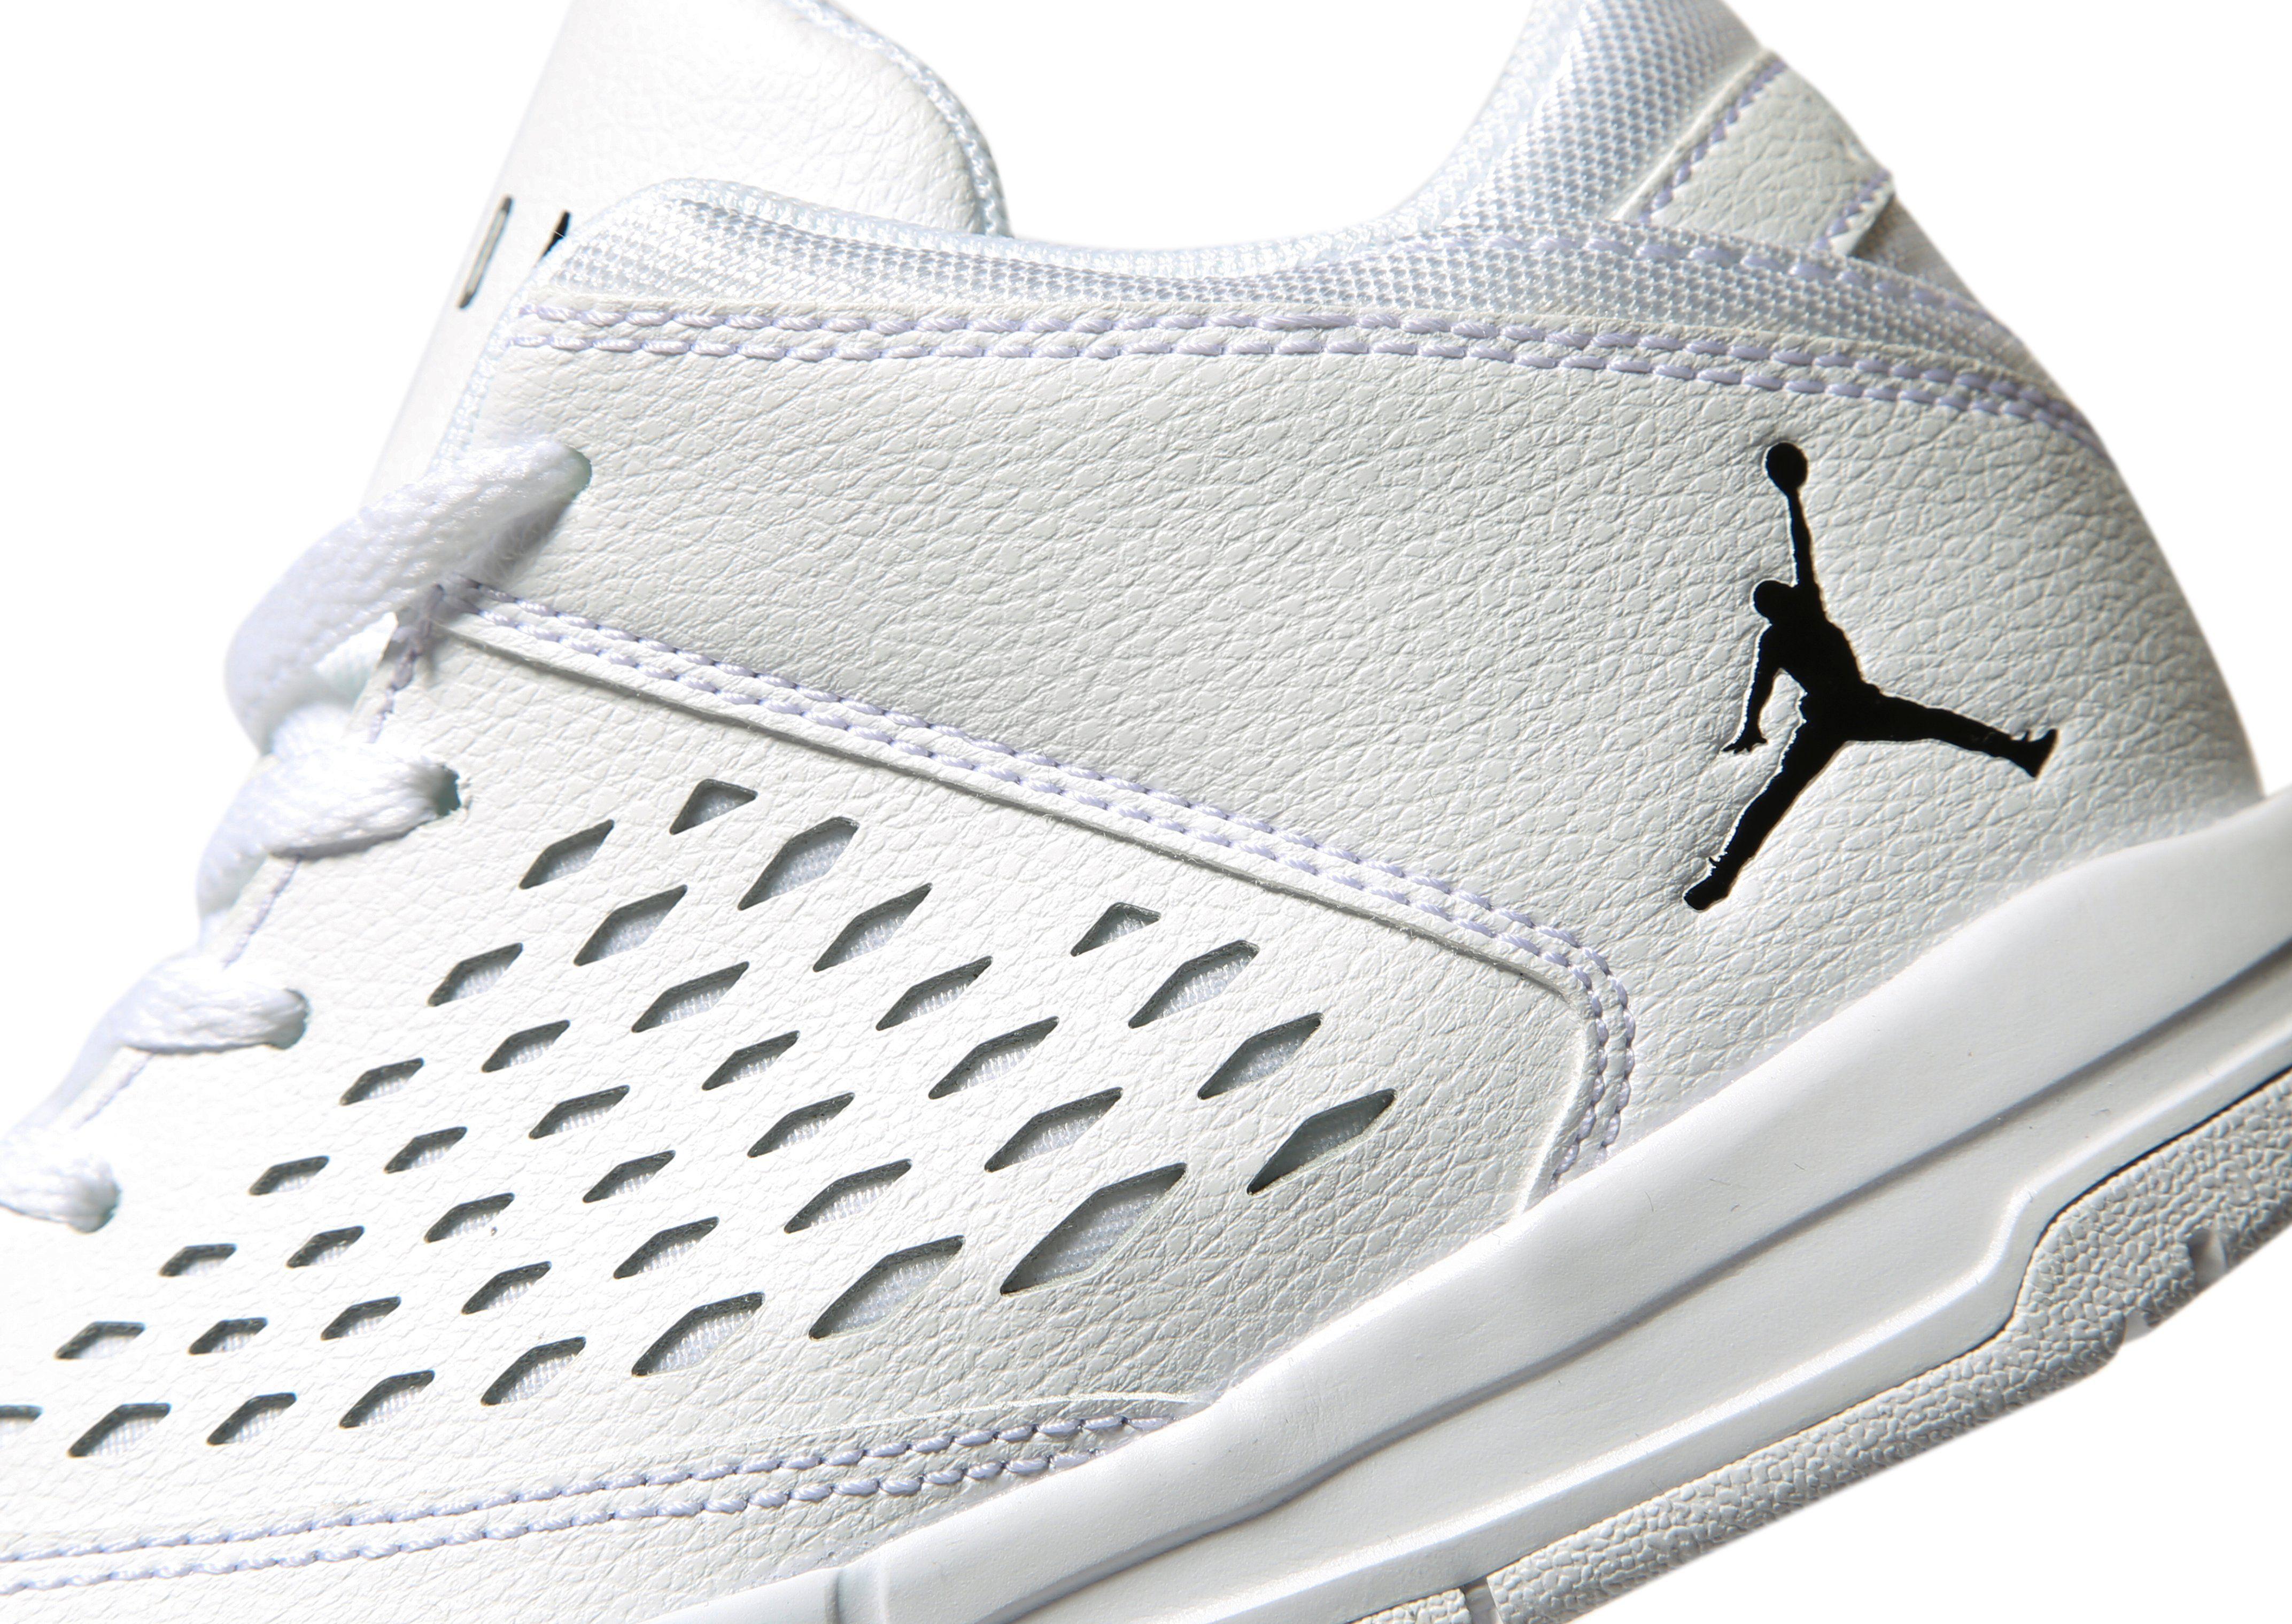 Freies Verschiffen Verkauf Jordan Flight Origin 3 Kinder Weiss Spielraum Top-Qualität Auslass Großhandelspreis Niedrige Versandgebühr Online Durchsuchen Verkauf Online NVmeeBcuod